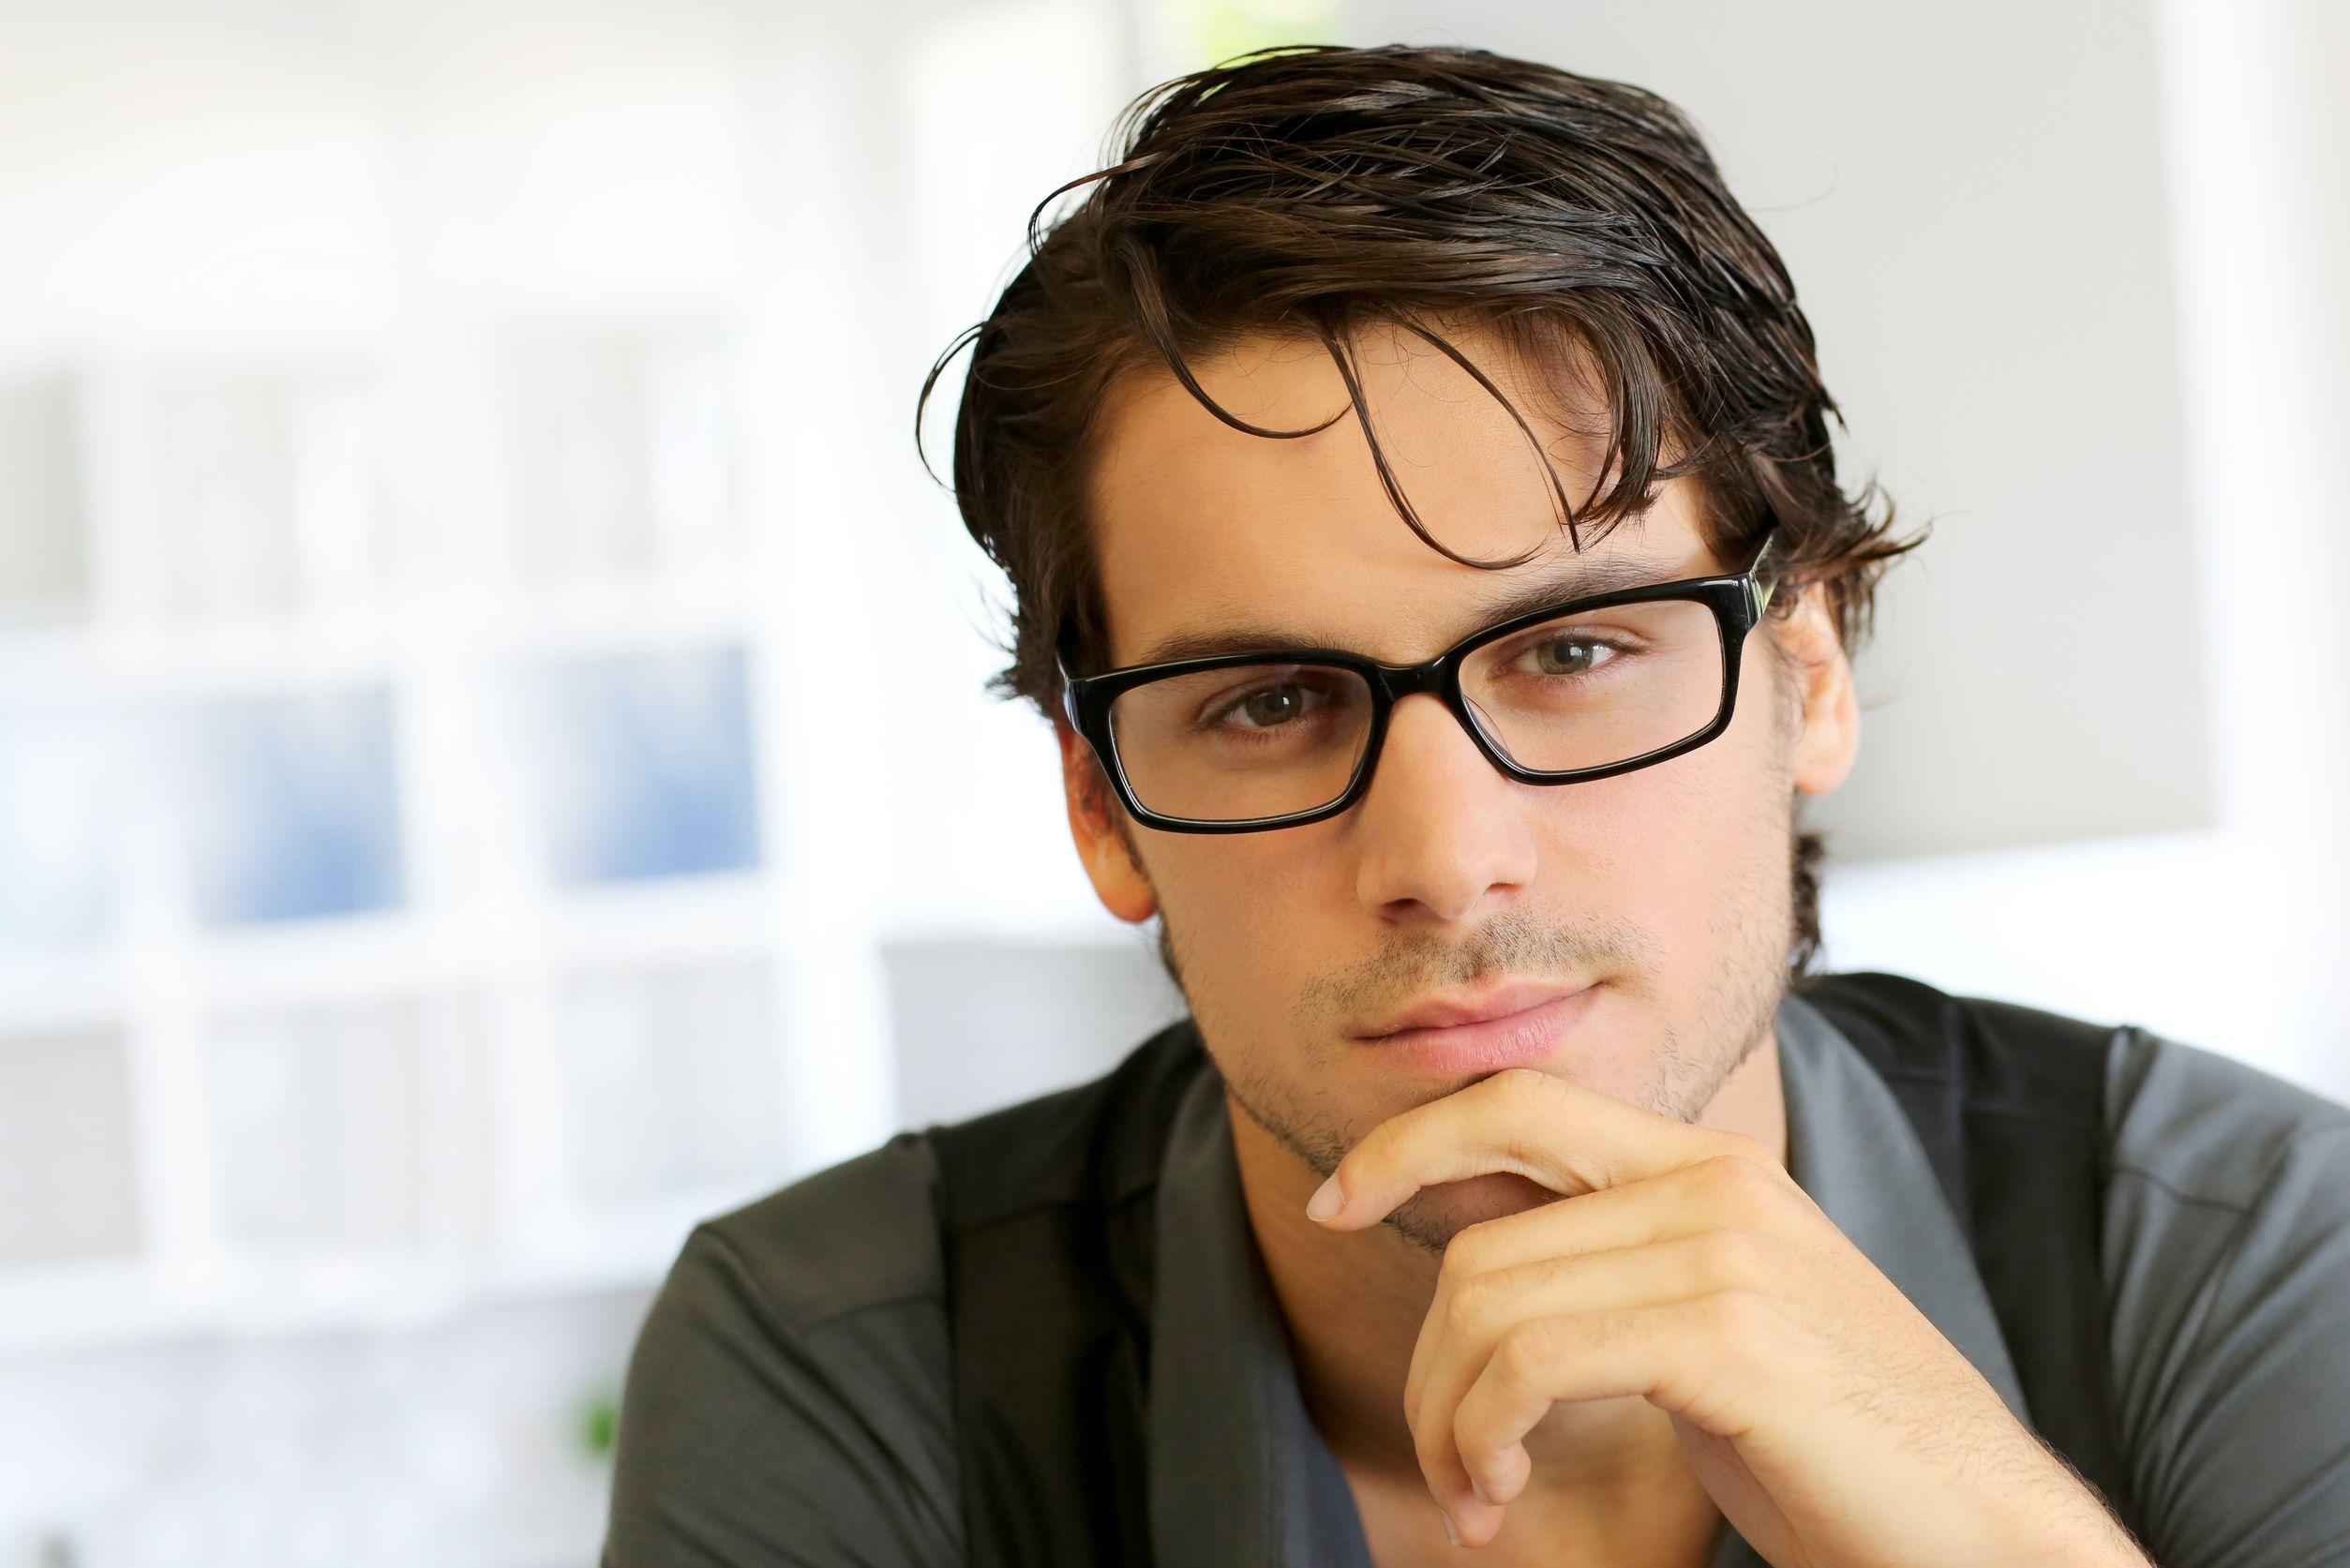 73dd86066 1- ارتداء النظارات يقلل من الحاجة للمس عينيك، وهذا بدوره يقلل من احتمال  التهاب عينيك أو تطوير أي عدوى للعين.